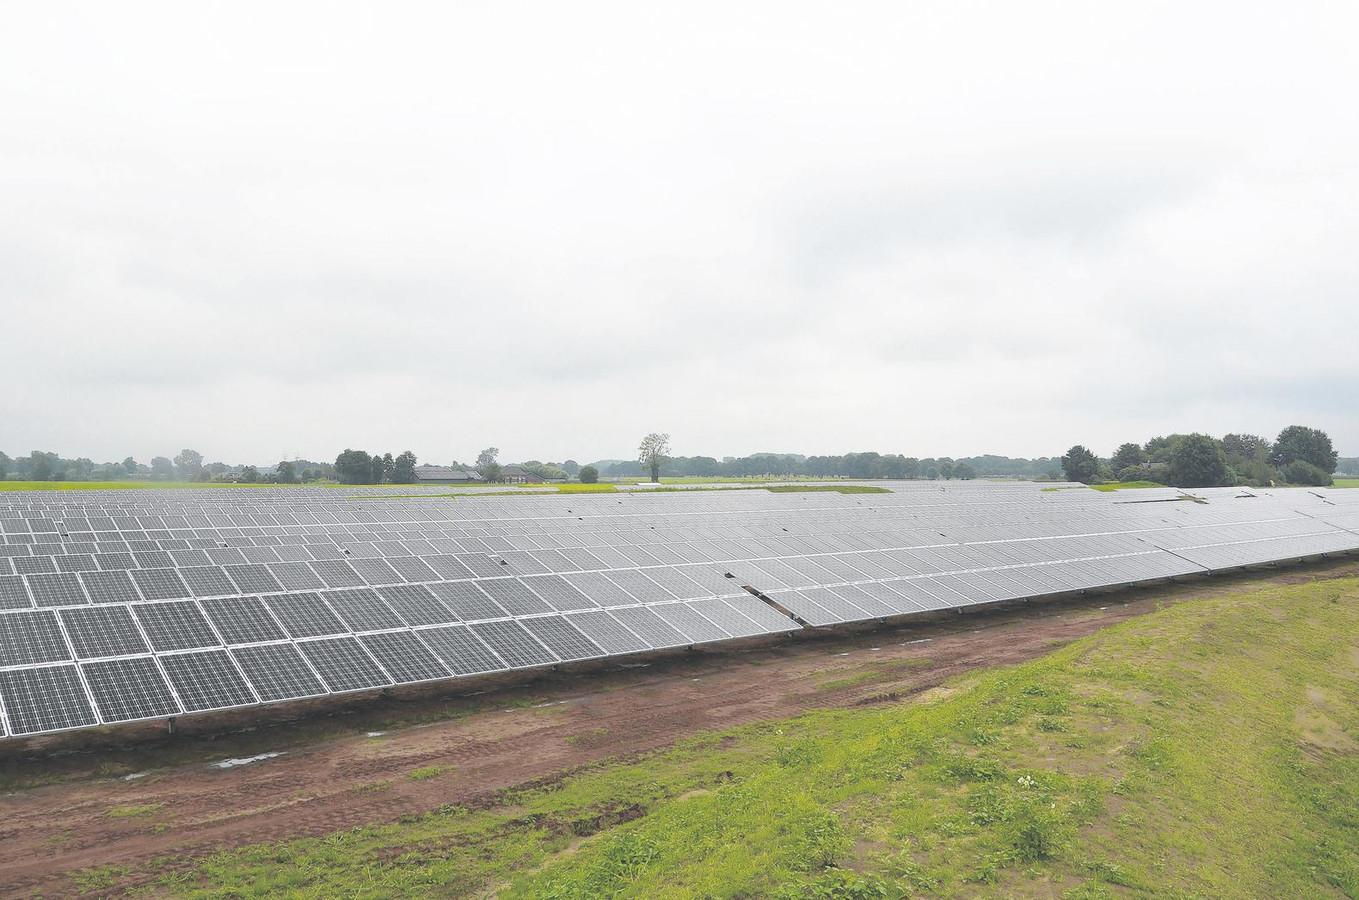 De gemeente Zoetermeer onderzoekt locaties voor zonnevelden.